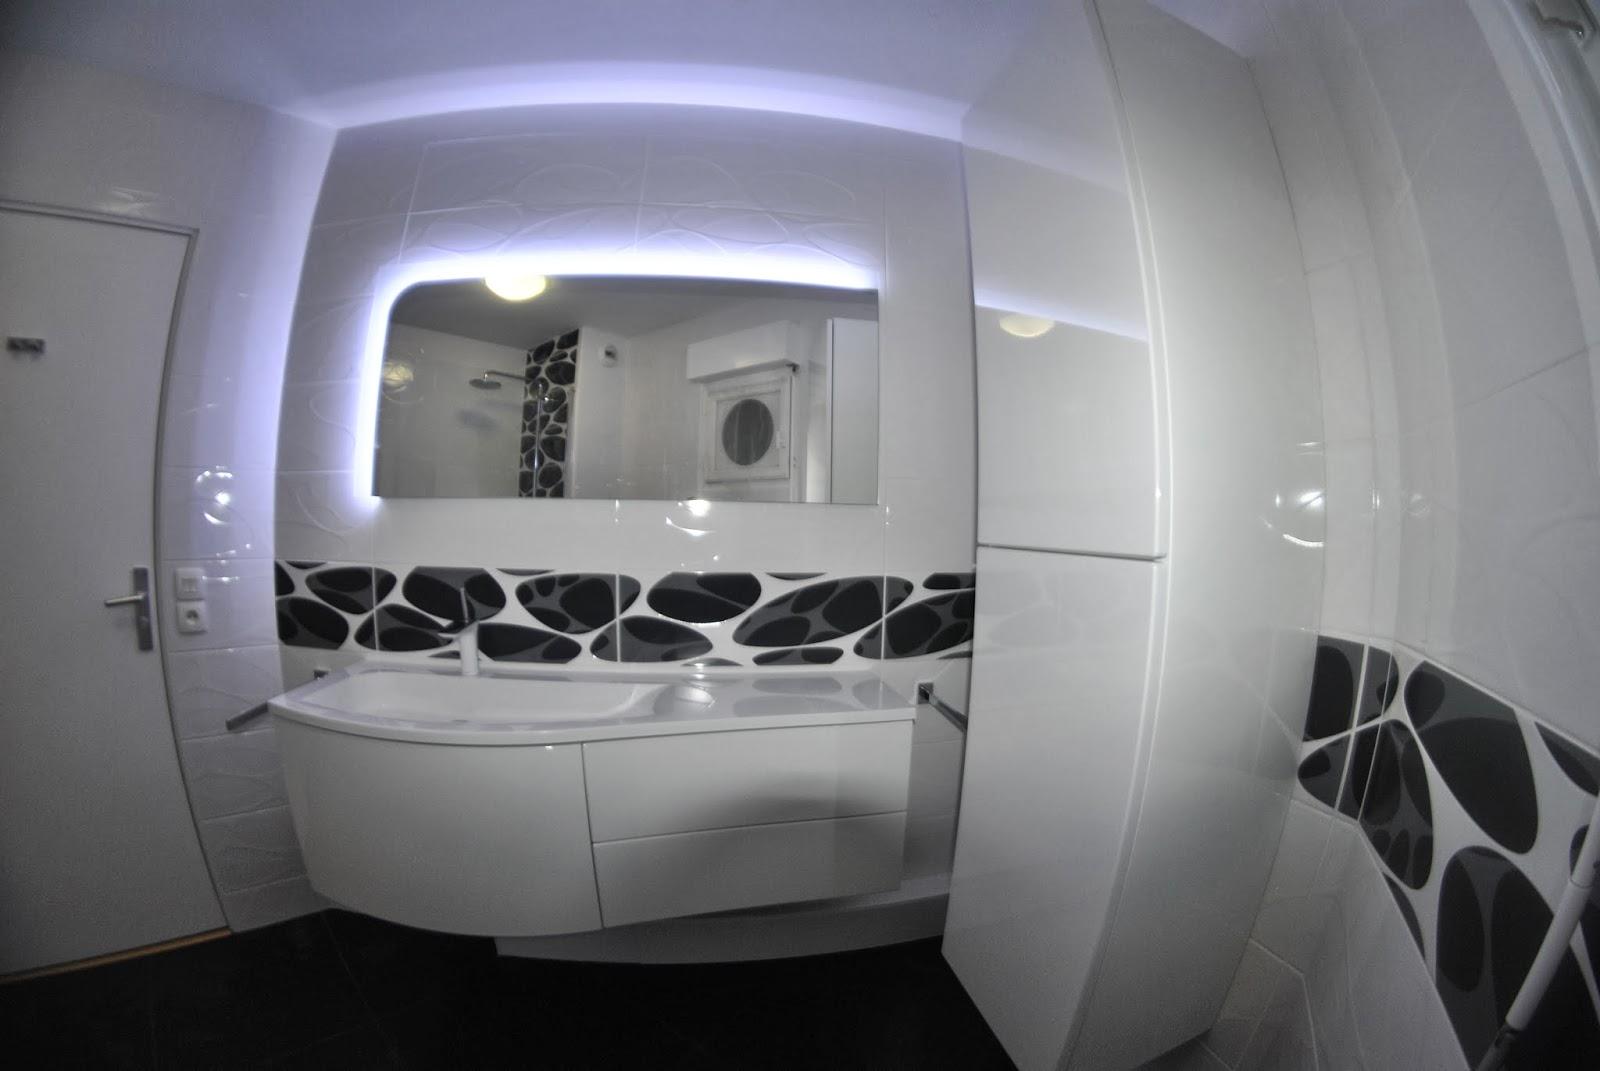 #535578 CREATION DE SALLES DE BAINS DOUCHE A L' ITALIENNE ET  2743 petite salle de bain haut de gamme 1600x1071 px @ aertt.com